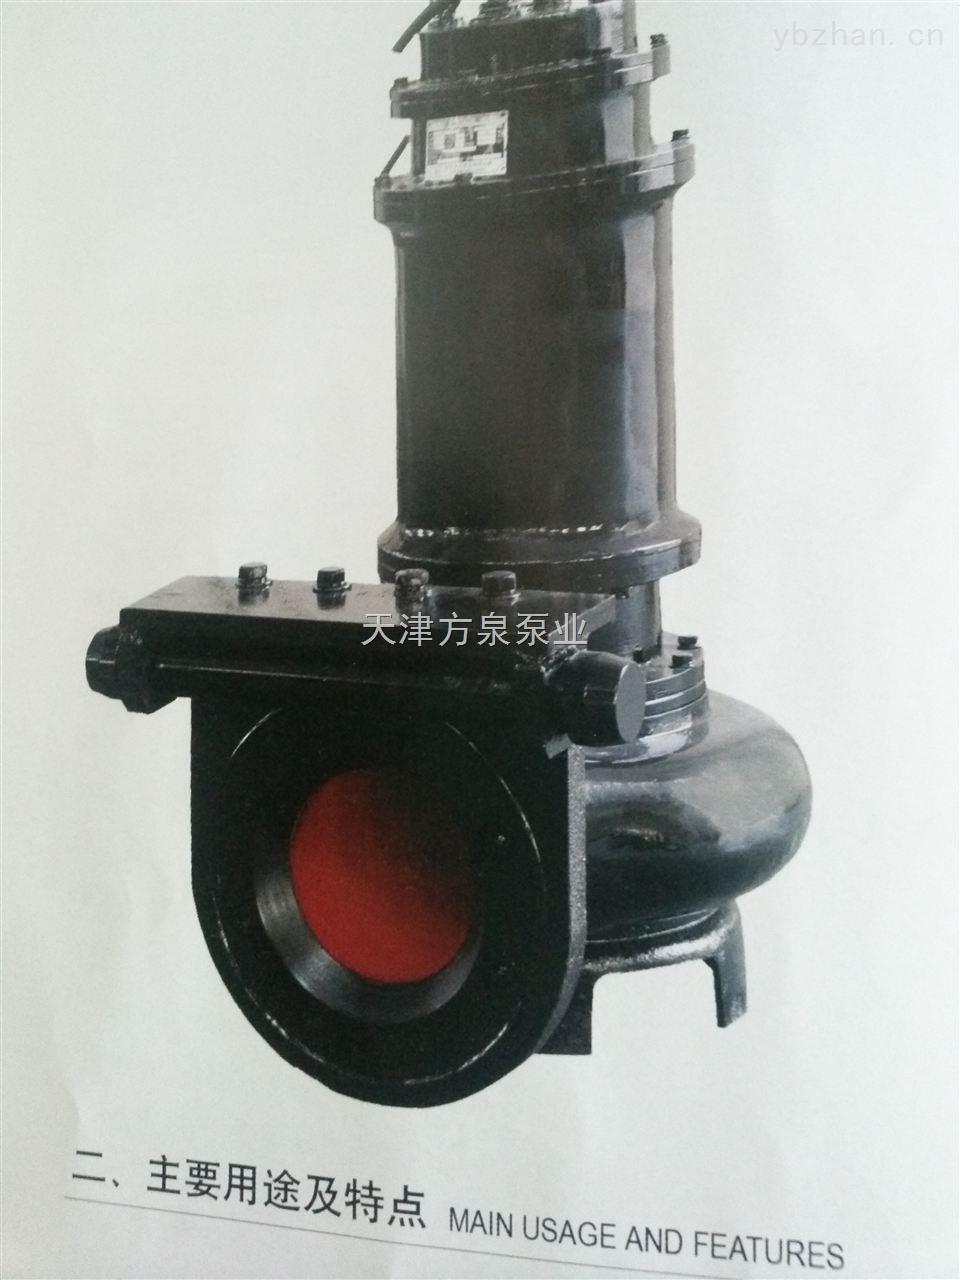 高效节能无堵塞排污泵